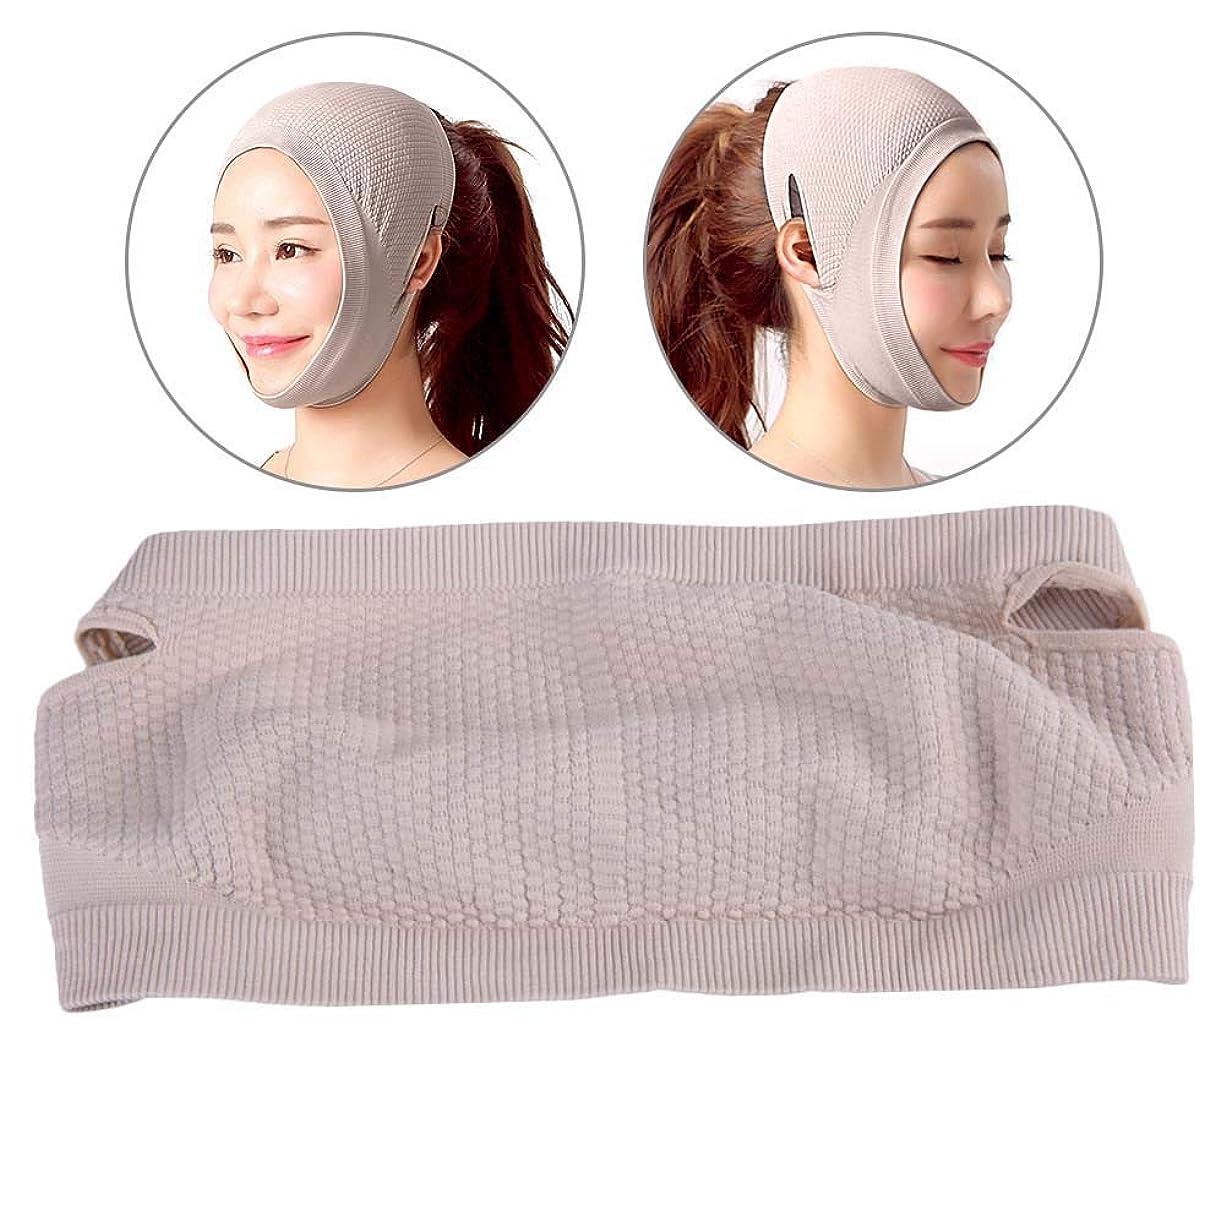 対処するエミュレーション廃止する顔の輪郭を改善するVフェイス美容包帯 フェイシャルリフティングマスク、露出耳のデザイン/通気性/伸縮性/副作用なし